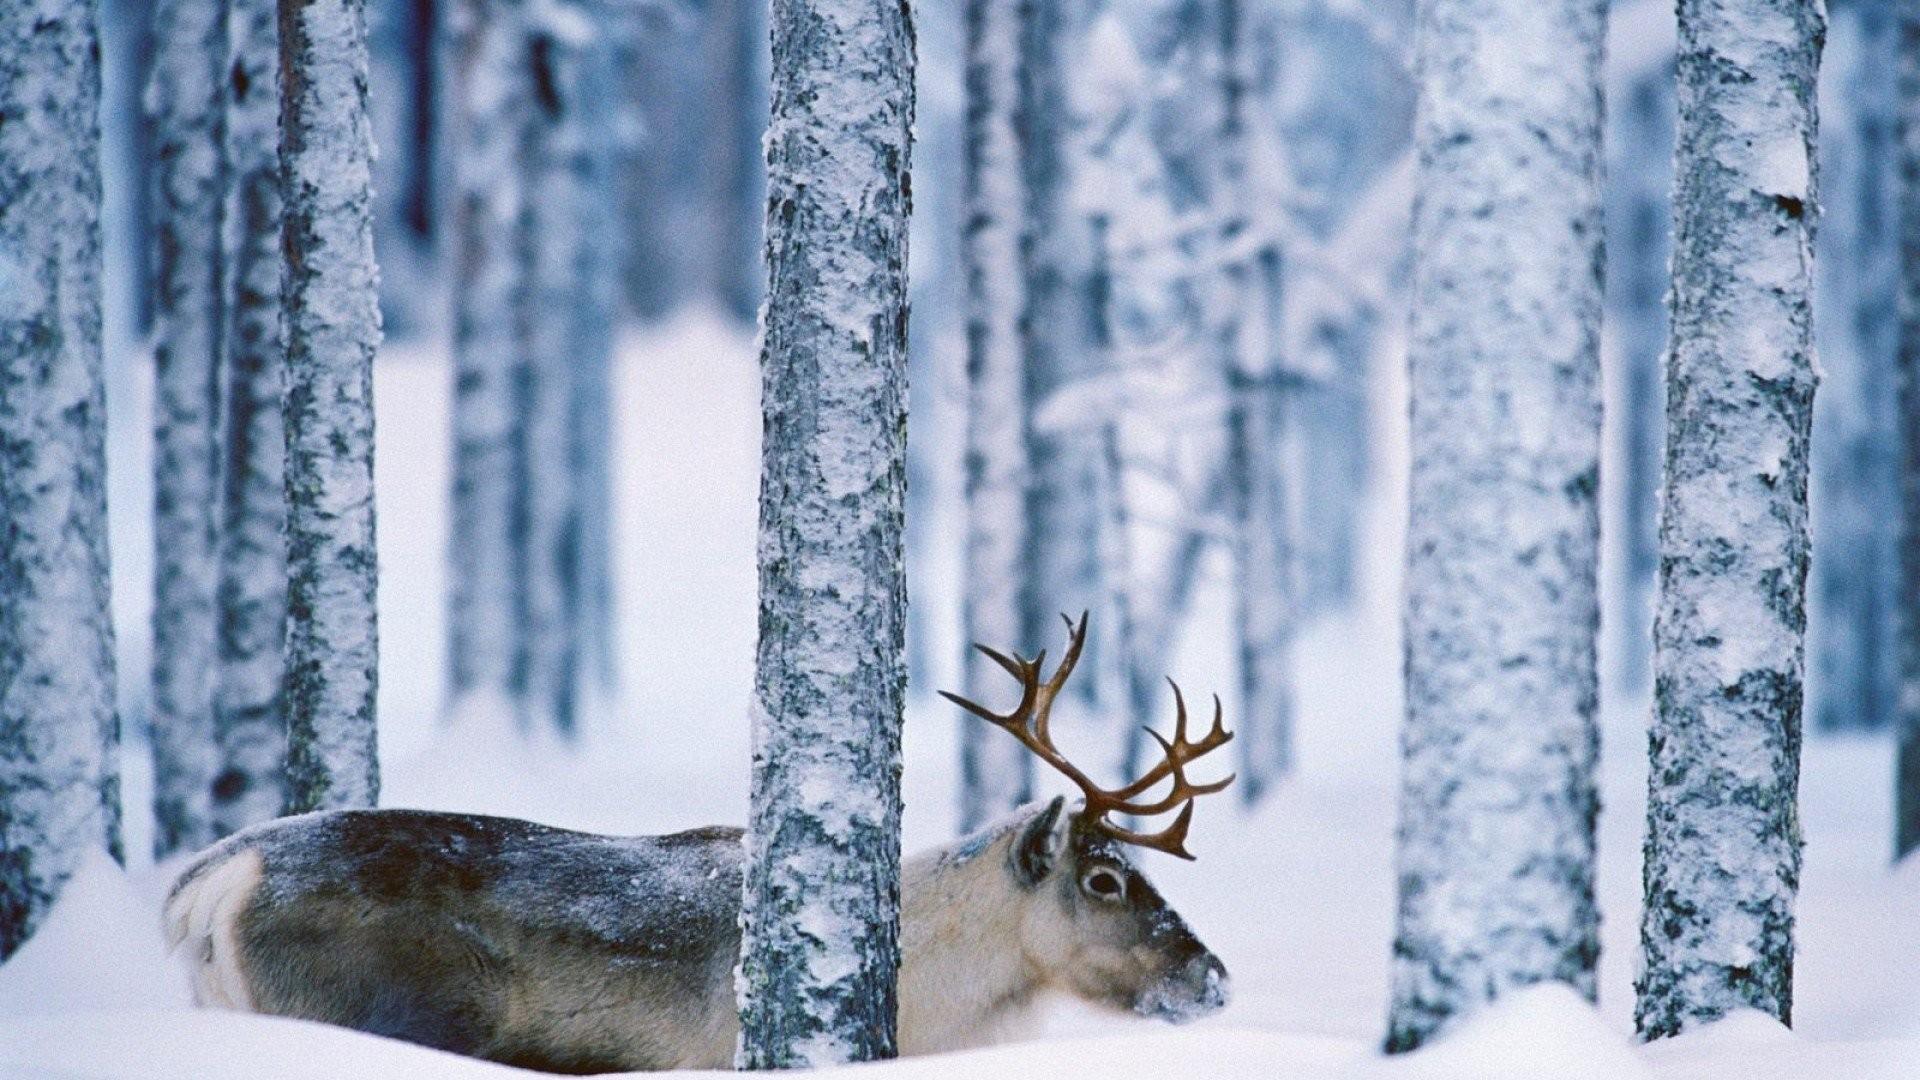 Deer Tag – Deer Landscape Nature Winter Snow Funny Animals Desktop Wallpaper  for HD 16: